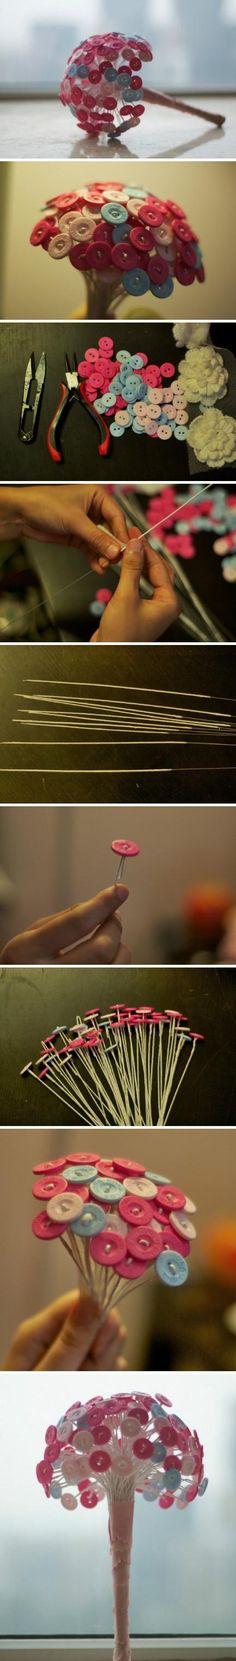 小纽扣捧花。这个造型很别致。…_来自团团小团团的图片分享-堆糖网